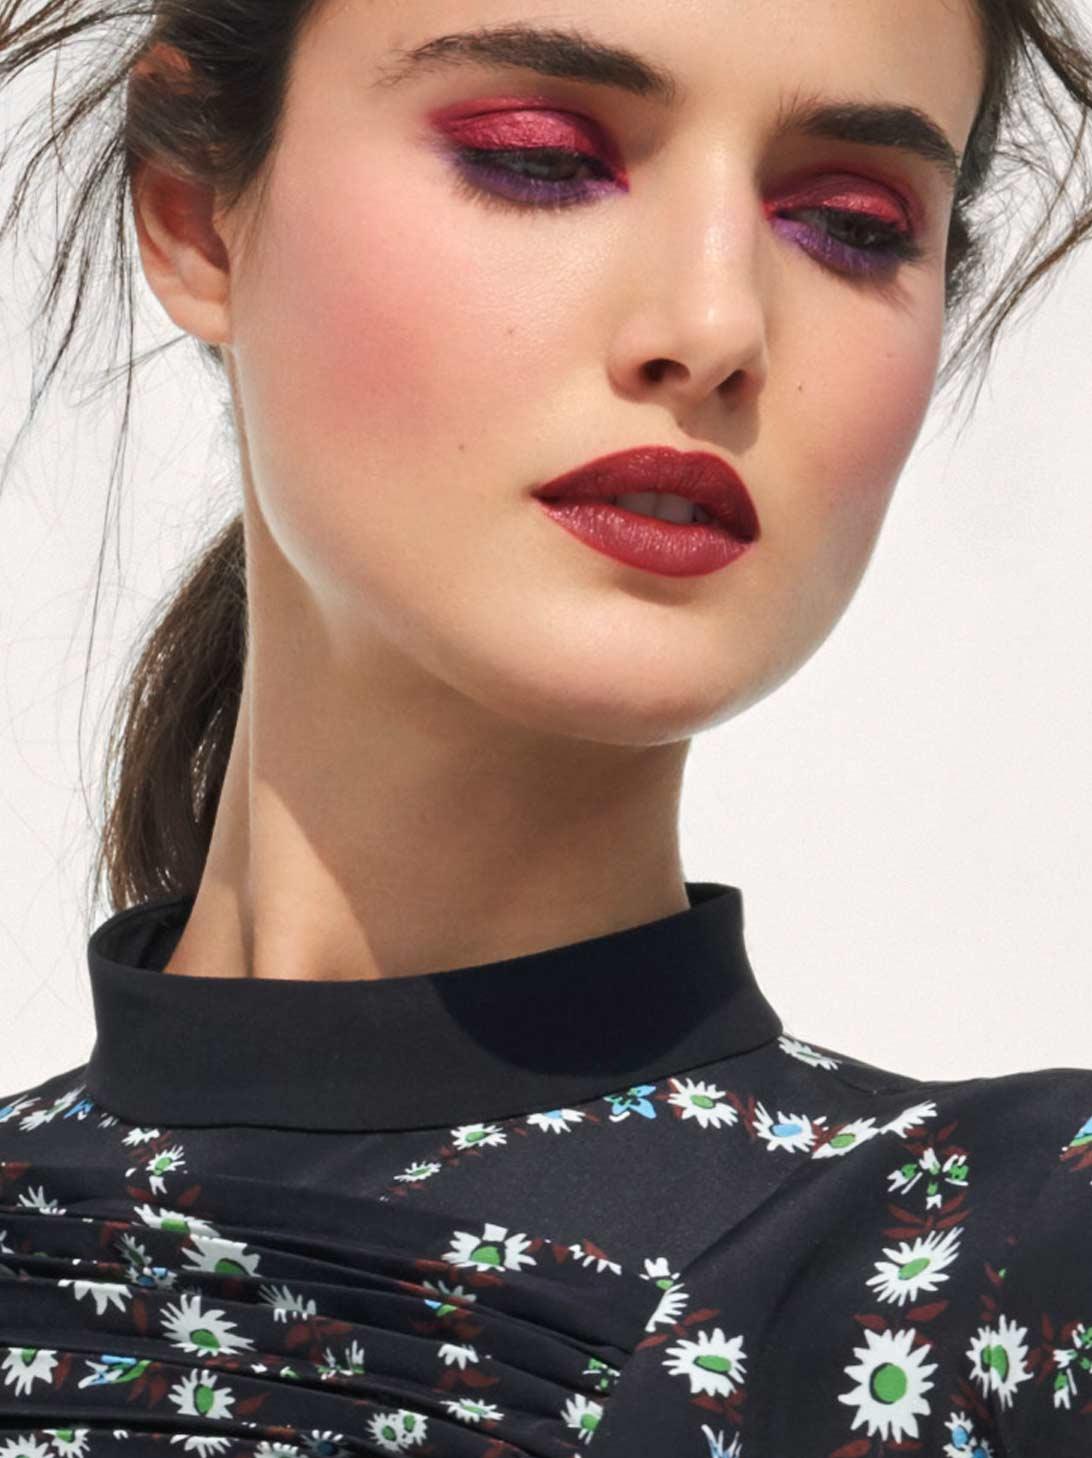 Givenchy celebra el Año Nuevo Chino 2020 con una colección limitada